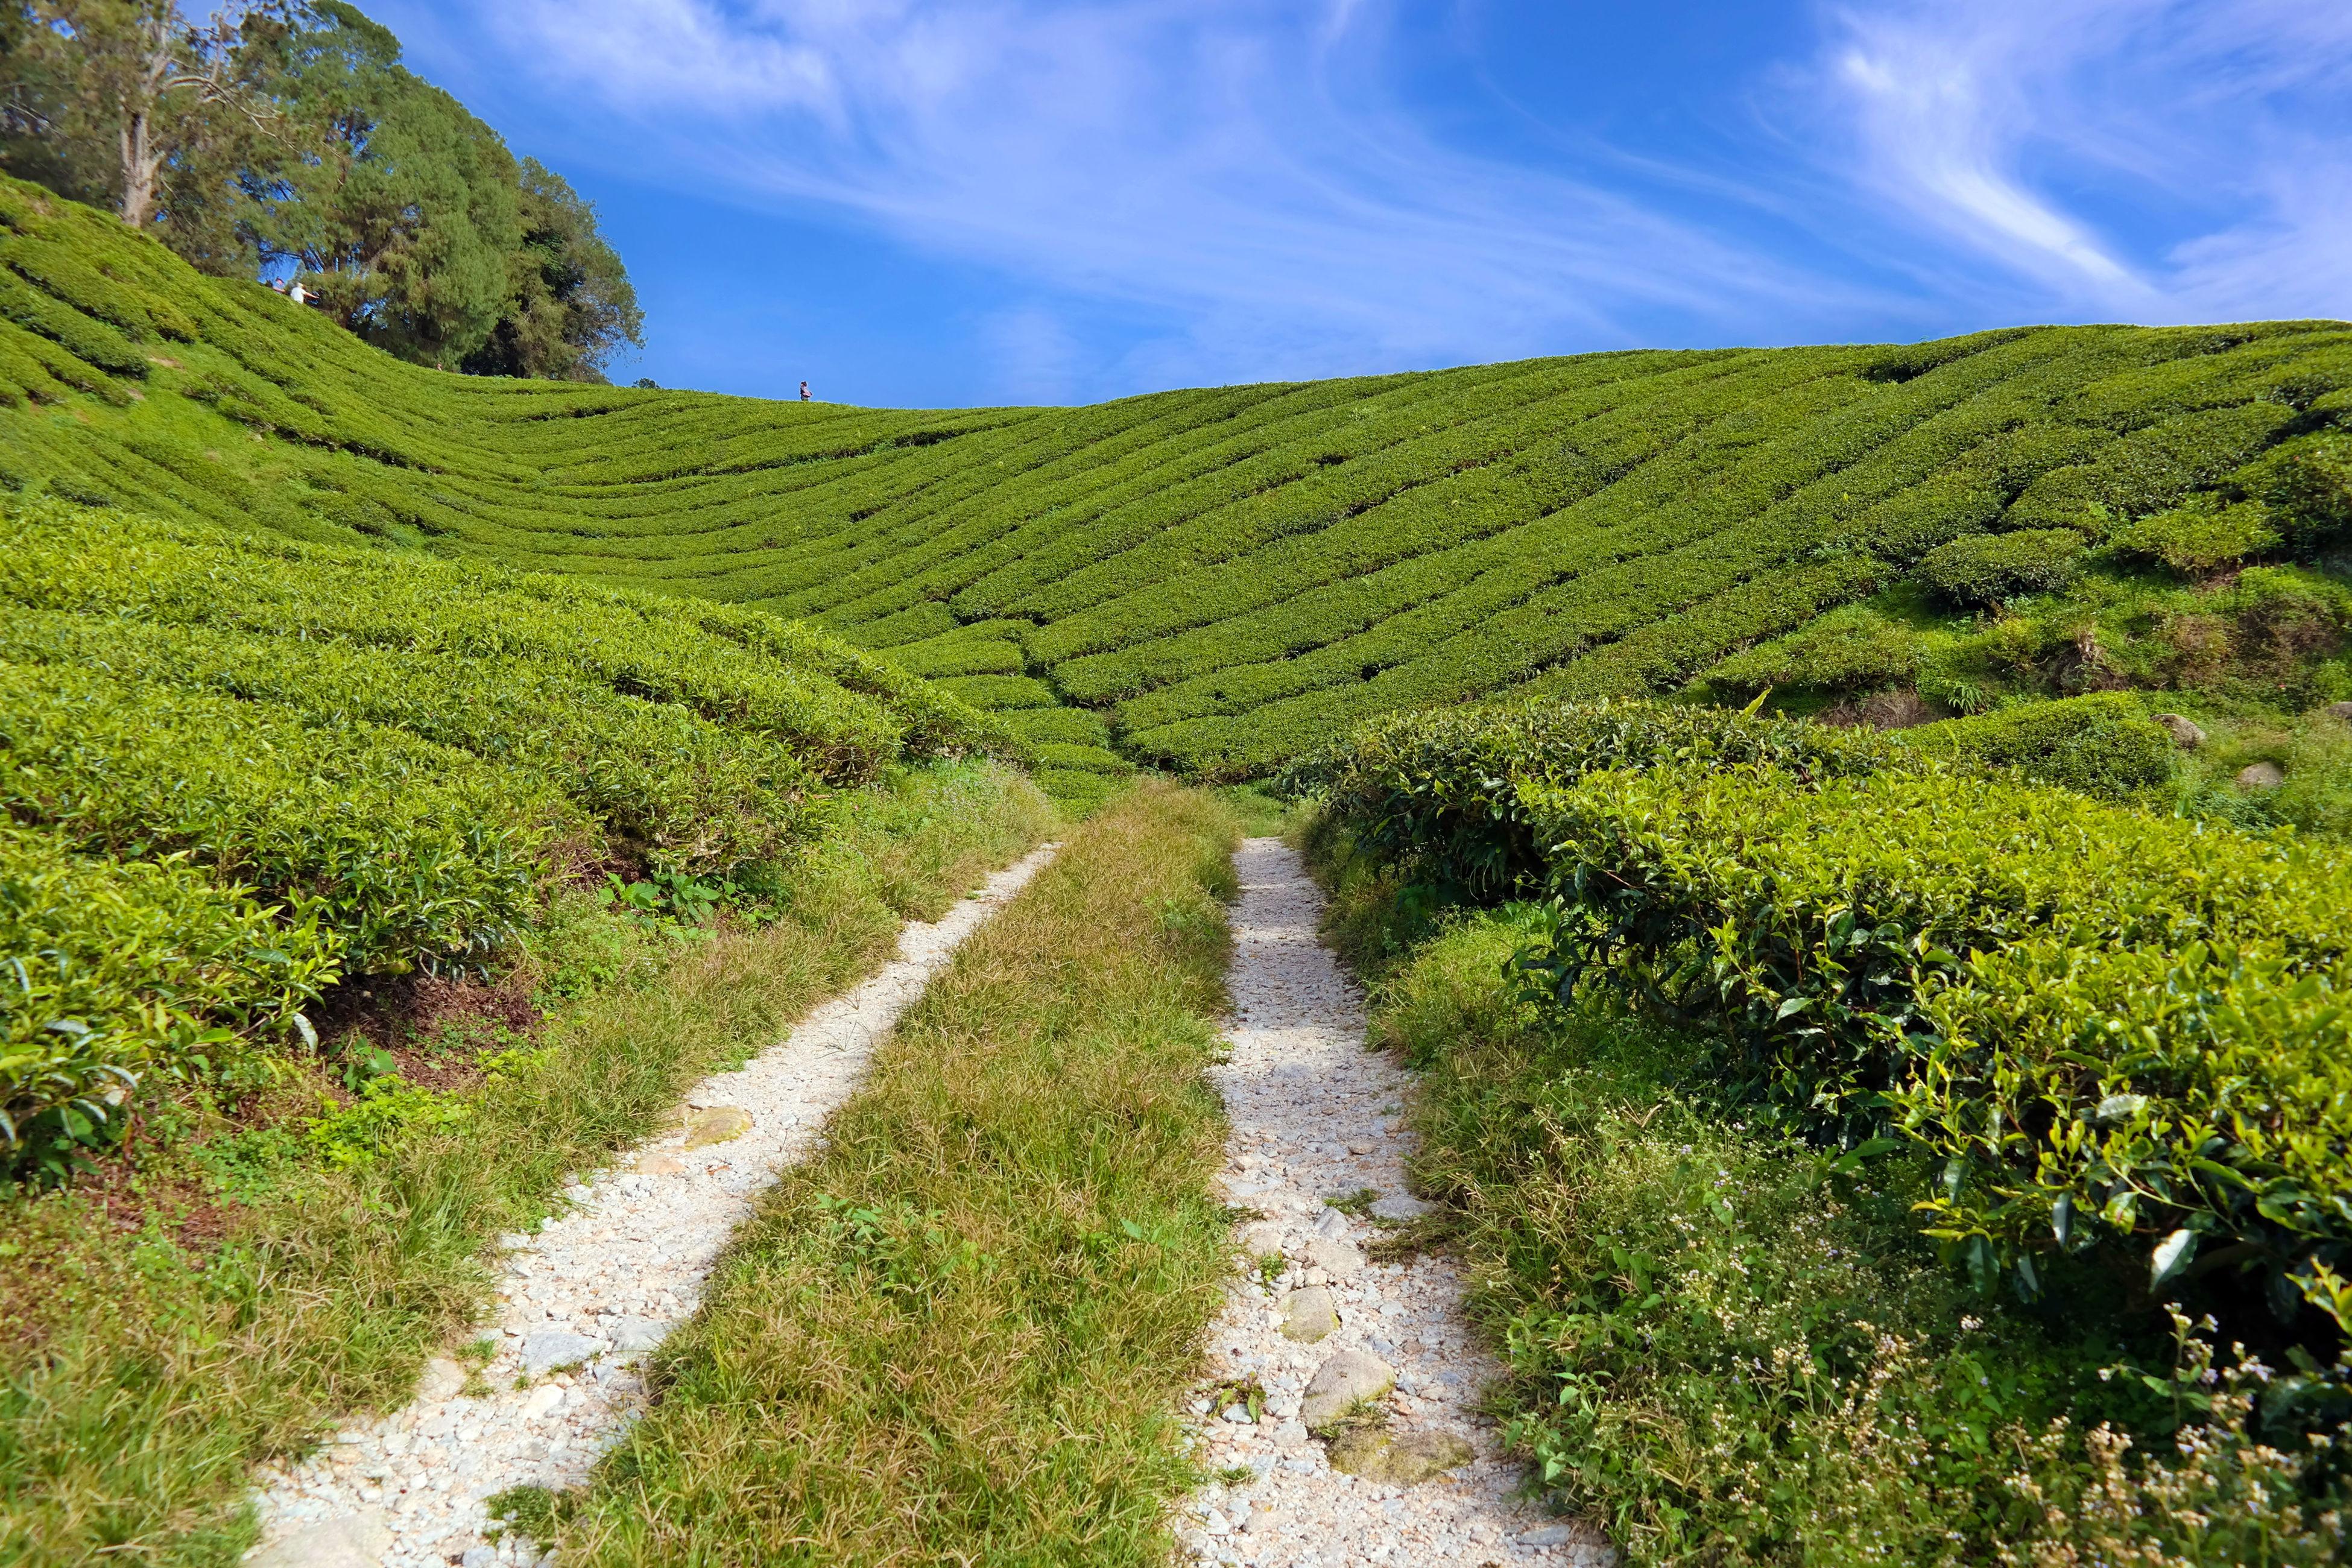 Malaysia Cameron Highlands Teagarden Green Sky Blue